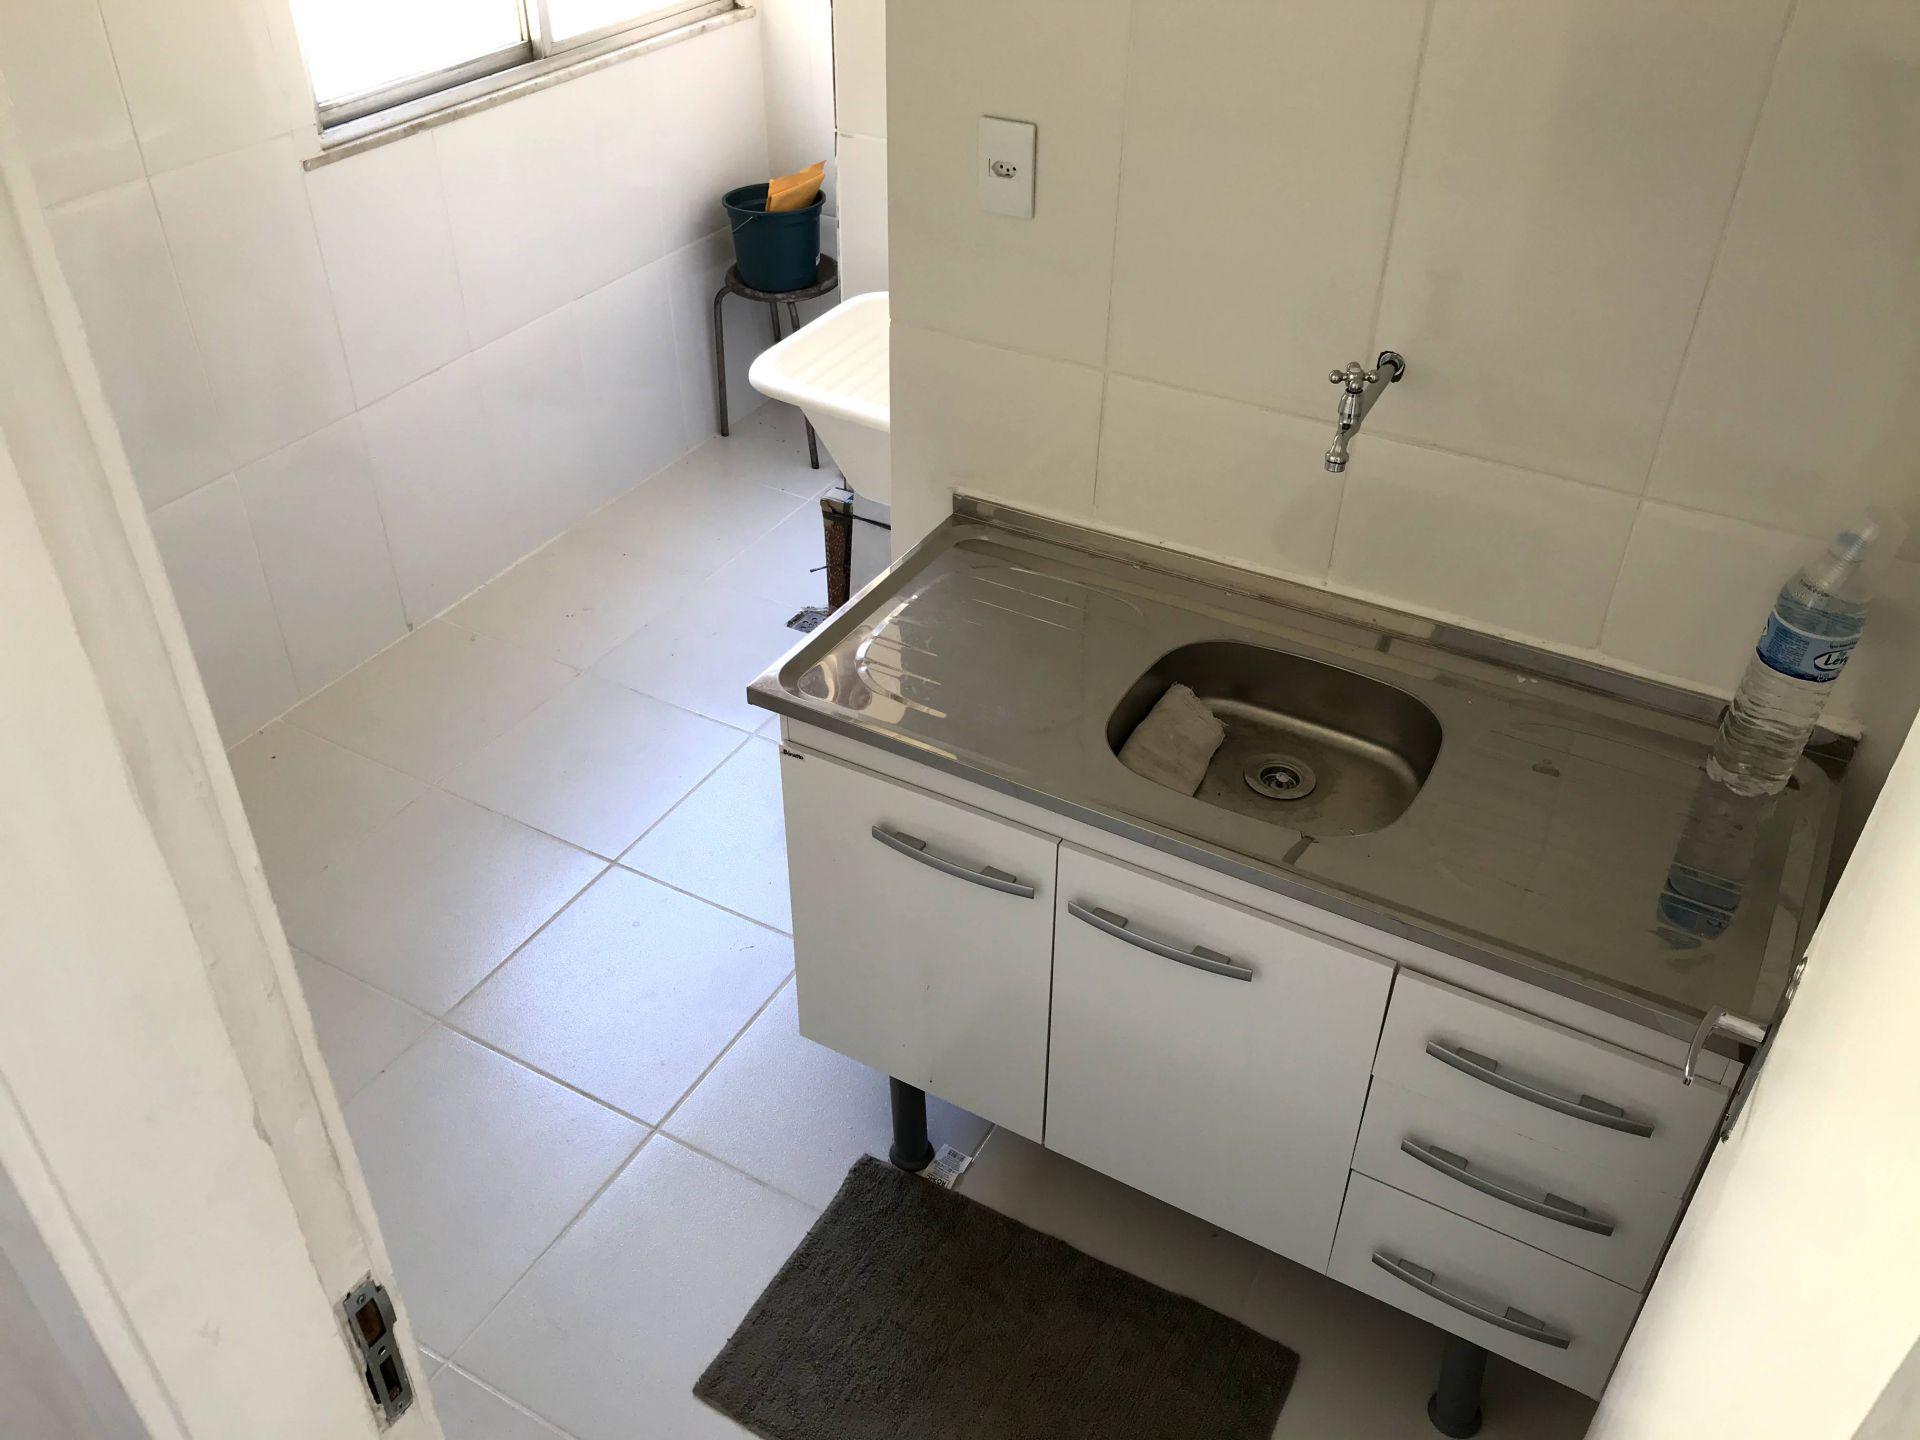 FOTO 11 - Apartamento à venda Rua Francisco,Praça Seca, Rio de Janeiro - R$ 180.000 - RF170 - 12